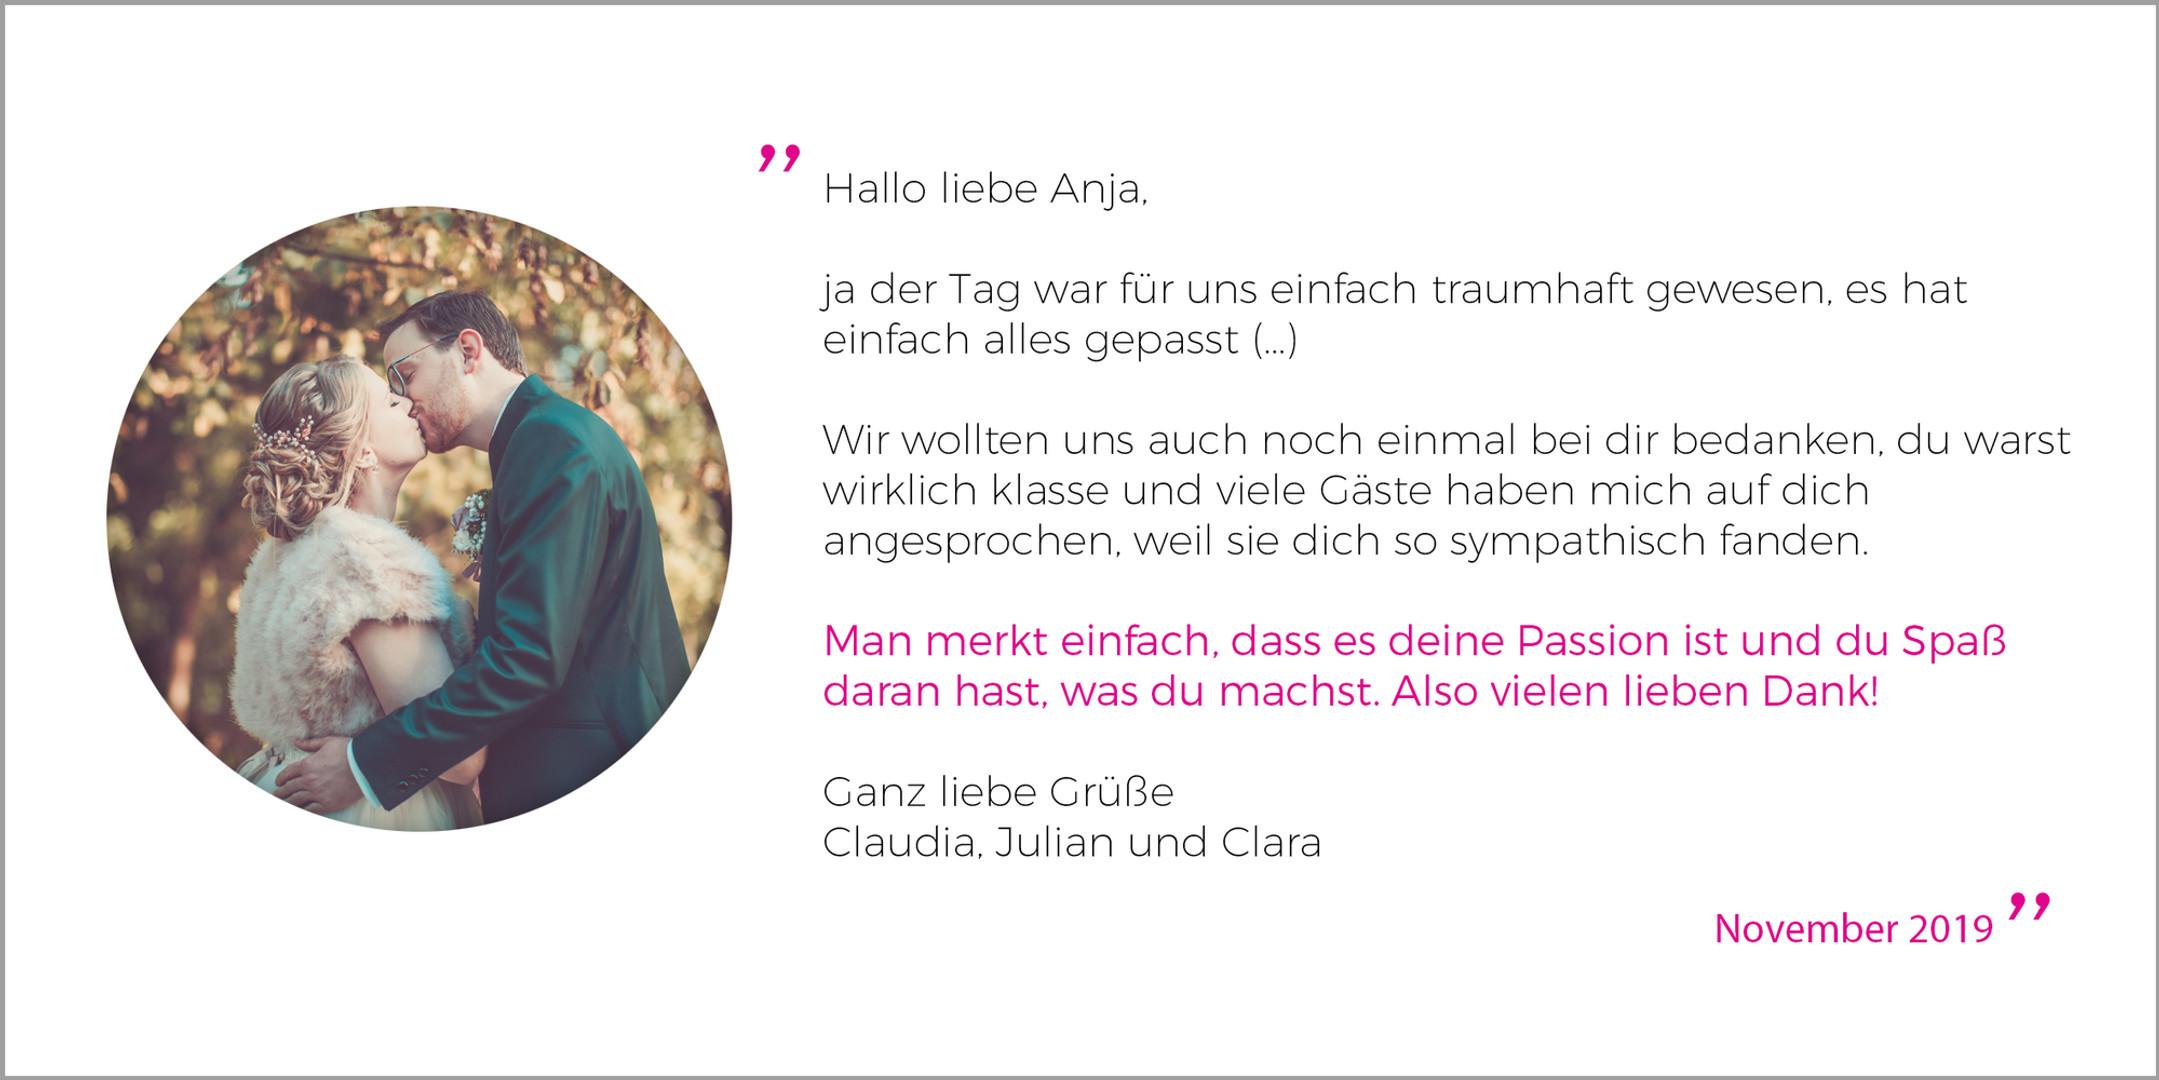 Kundenstimmen Galerie_ClaudiaJulian_1119